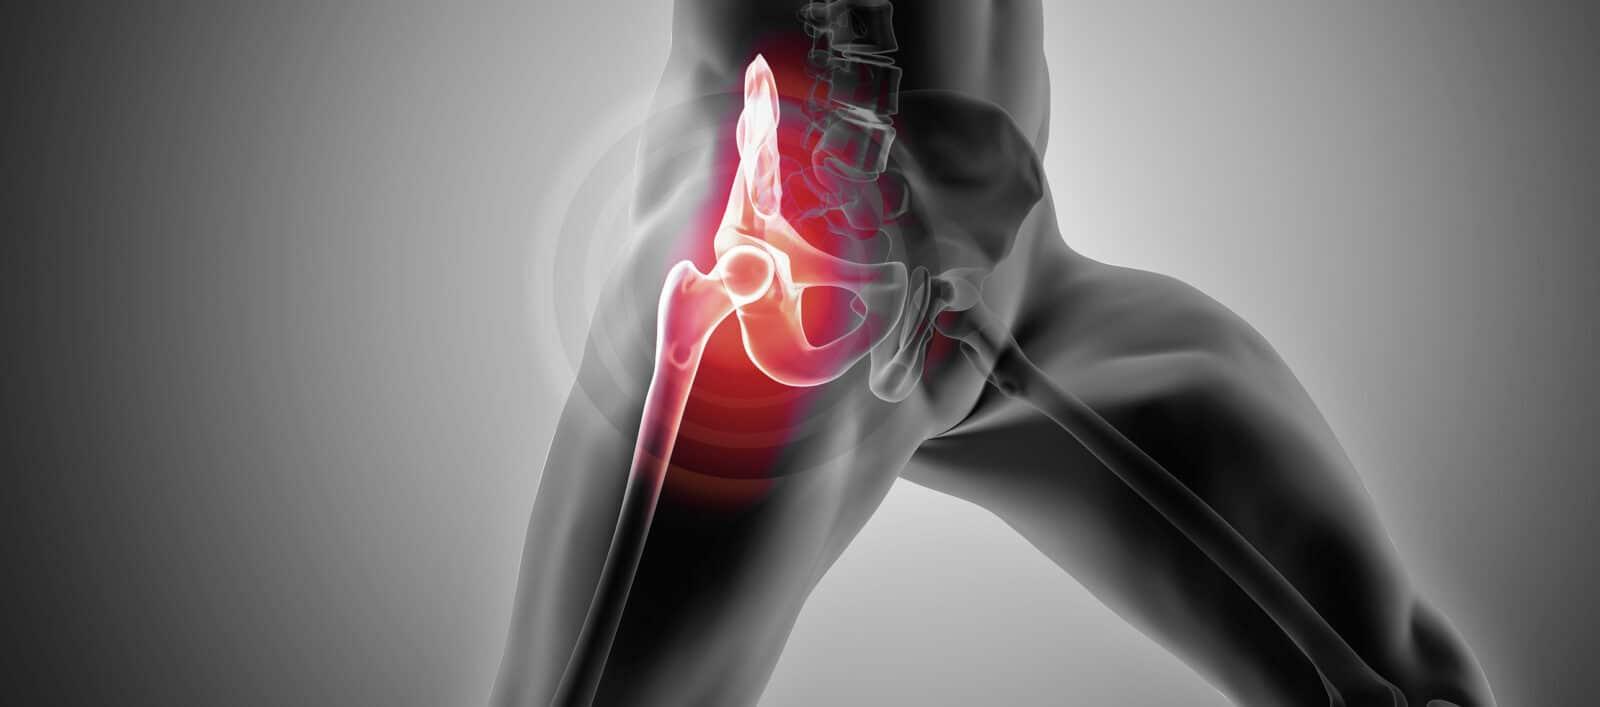 Prothèse totale de hanche rééducation à paris - dr Paillard